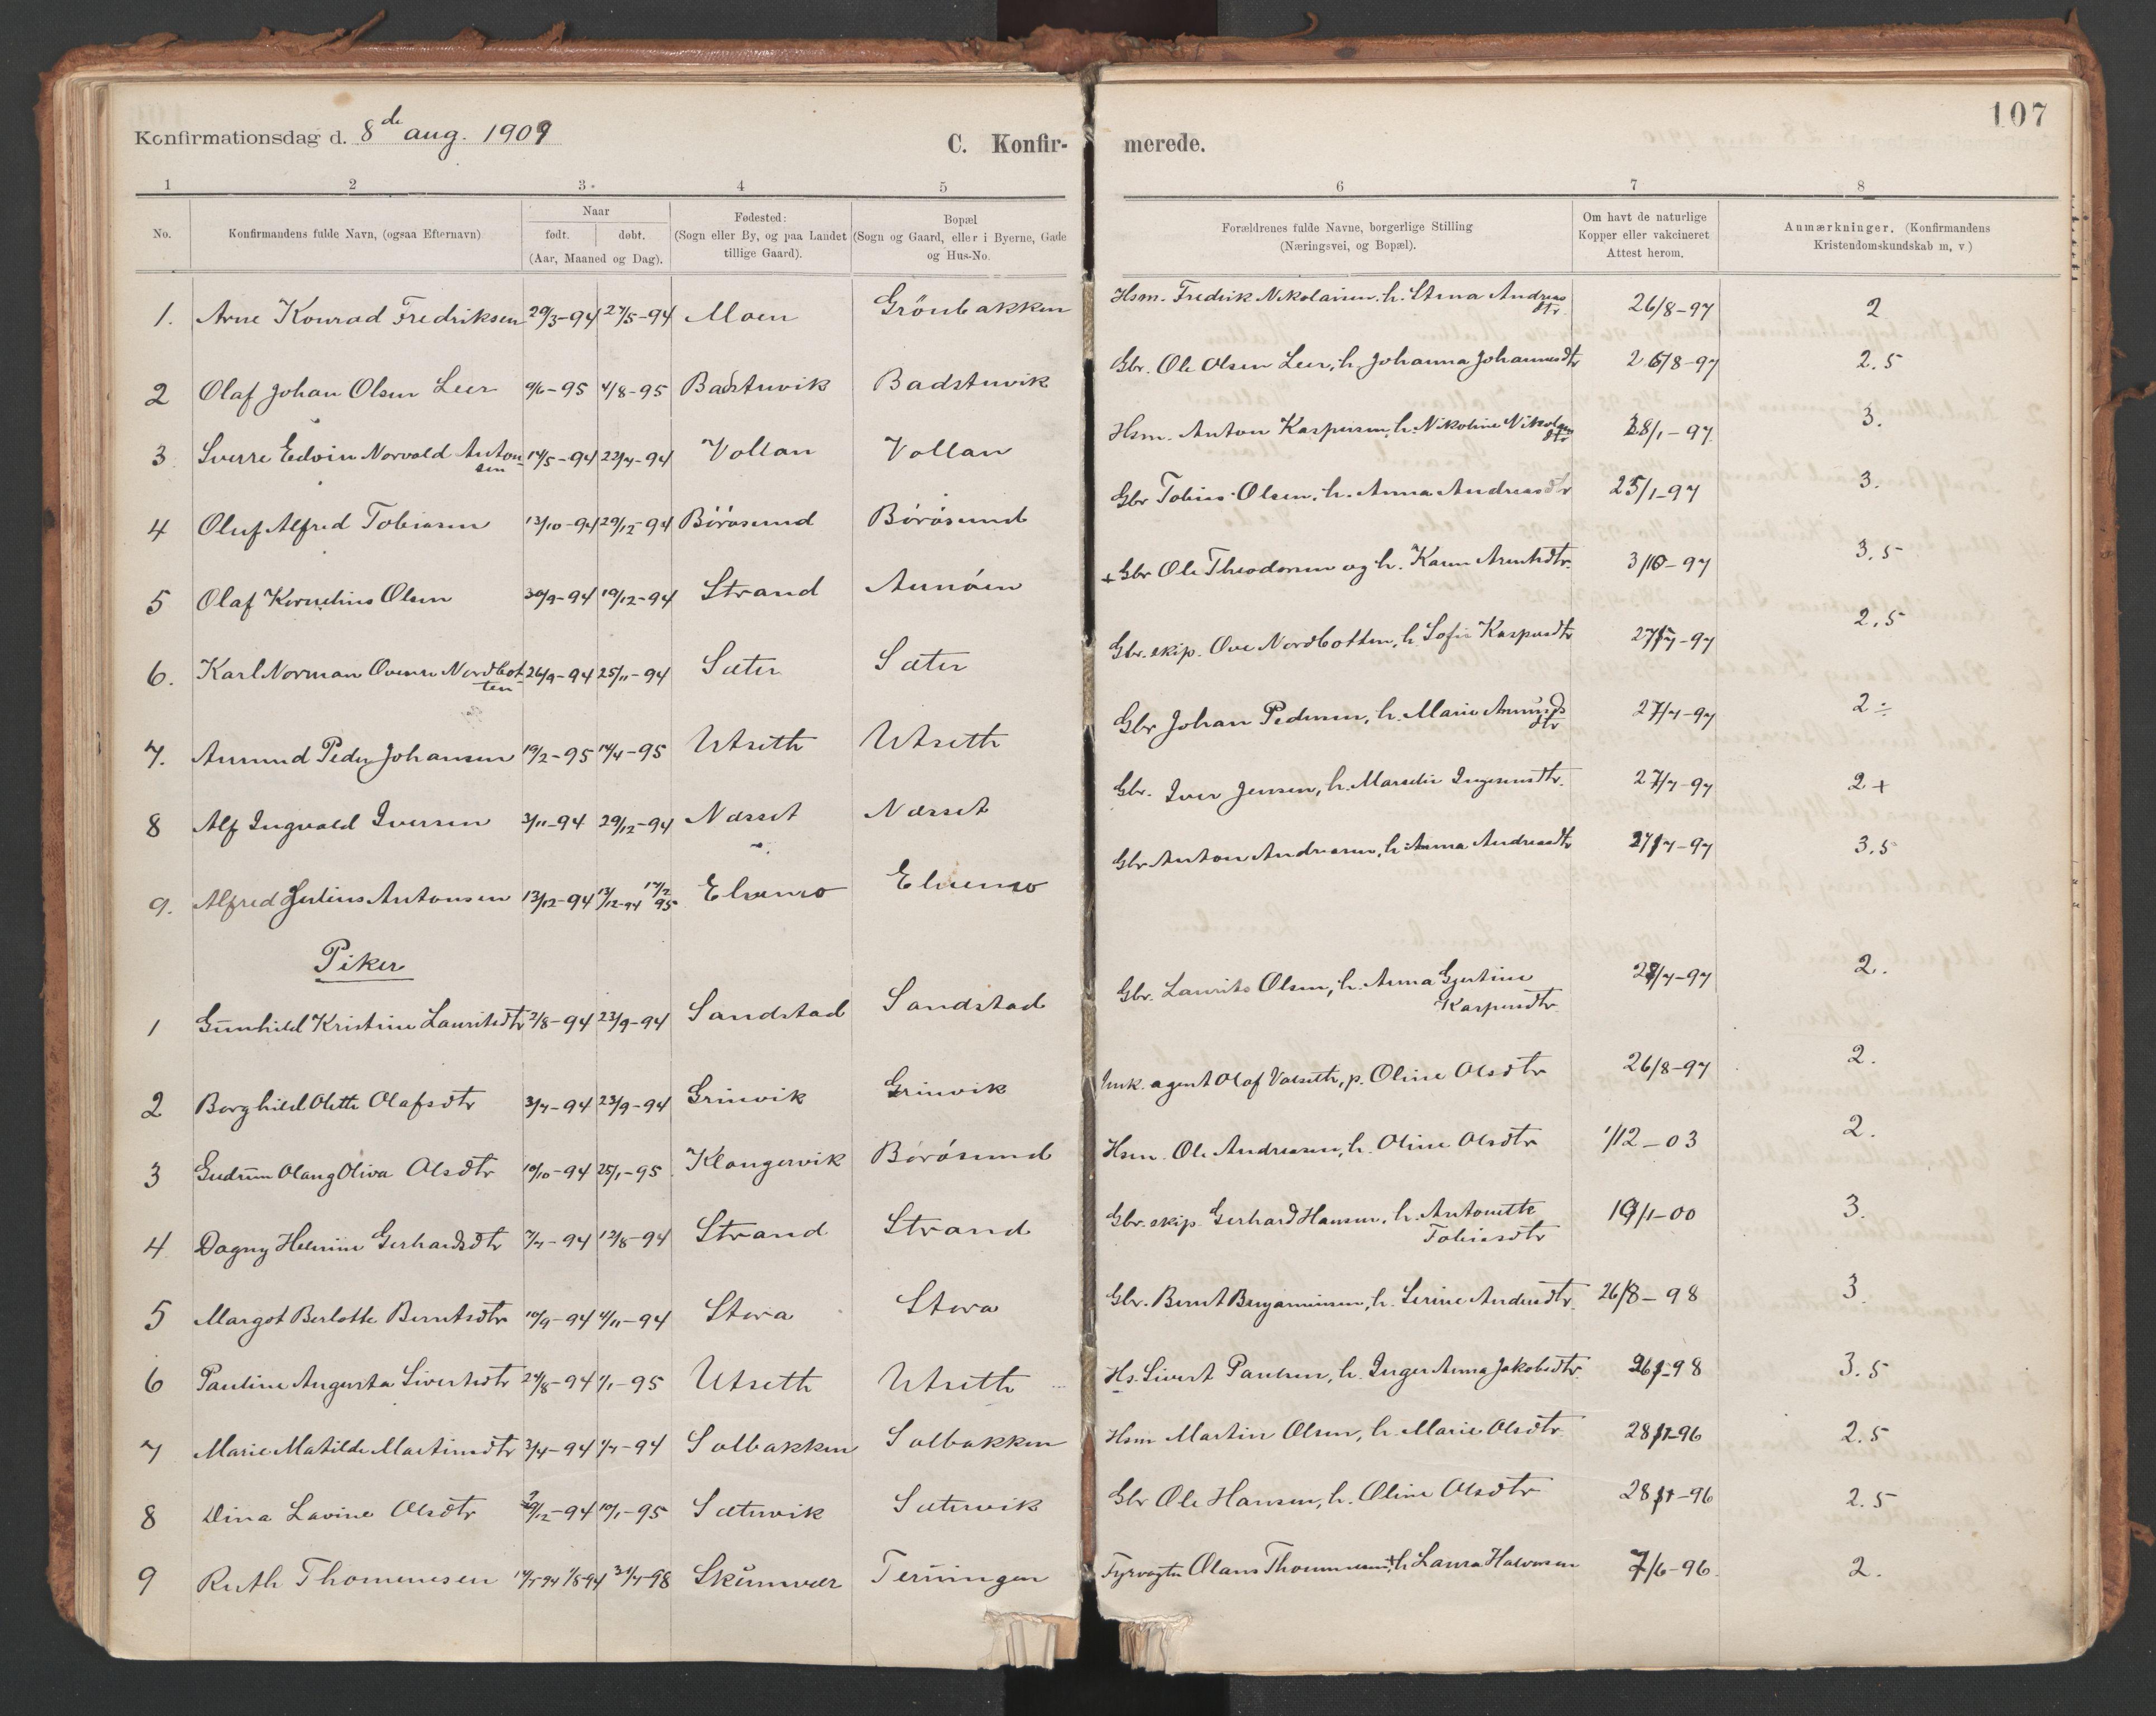 SAT, Ministerialprotokoller, klokkerbøker og fødselsregistre - Sør-Trøndelag, 639/L0572: Ministerialbok nr. 639A01, 1890-1920, s. 107